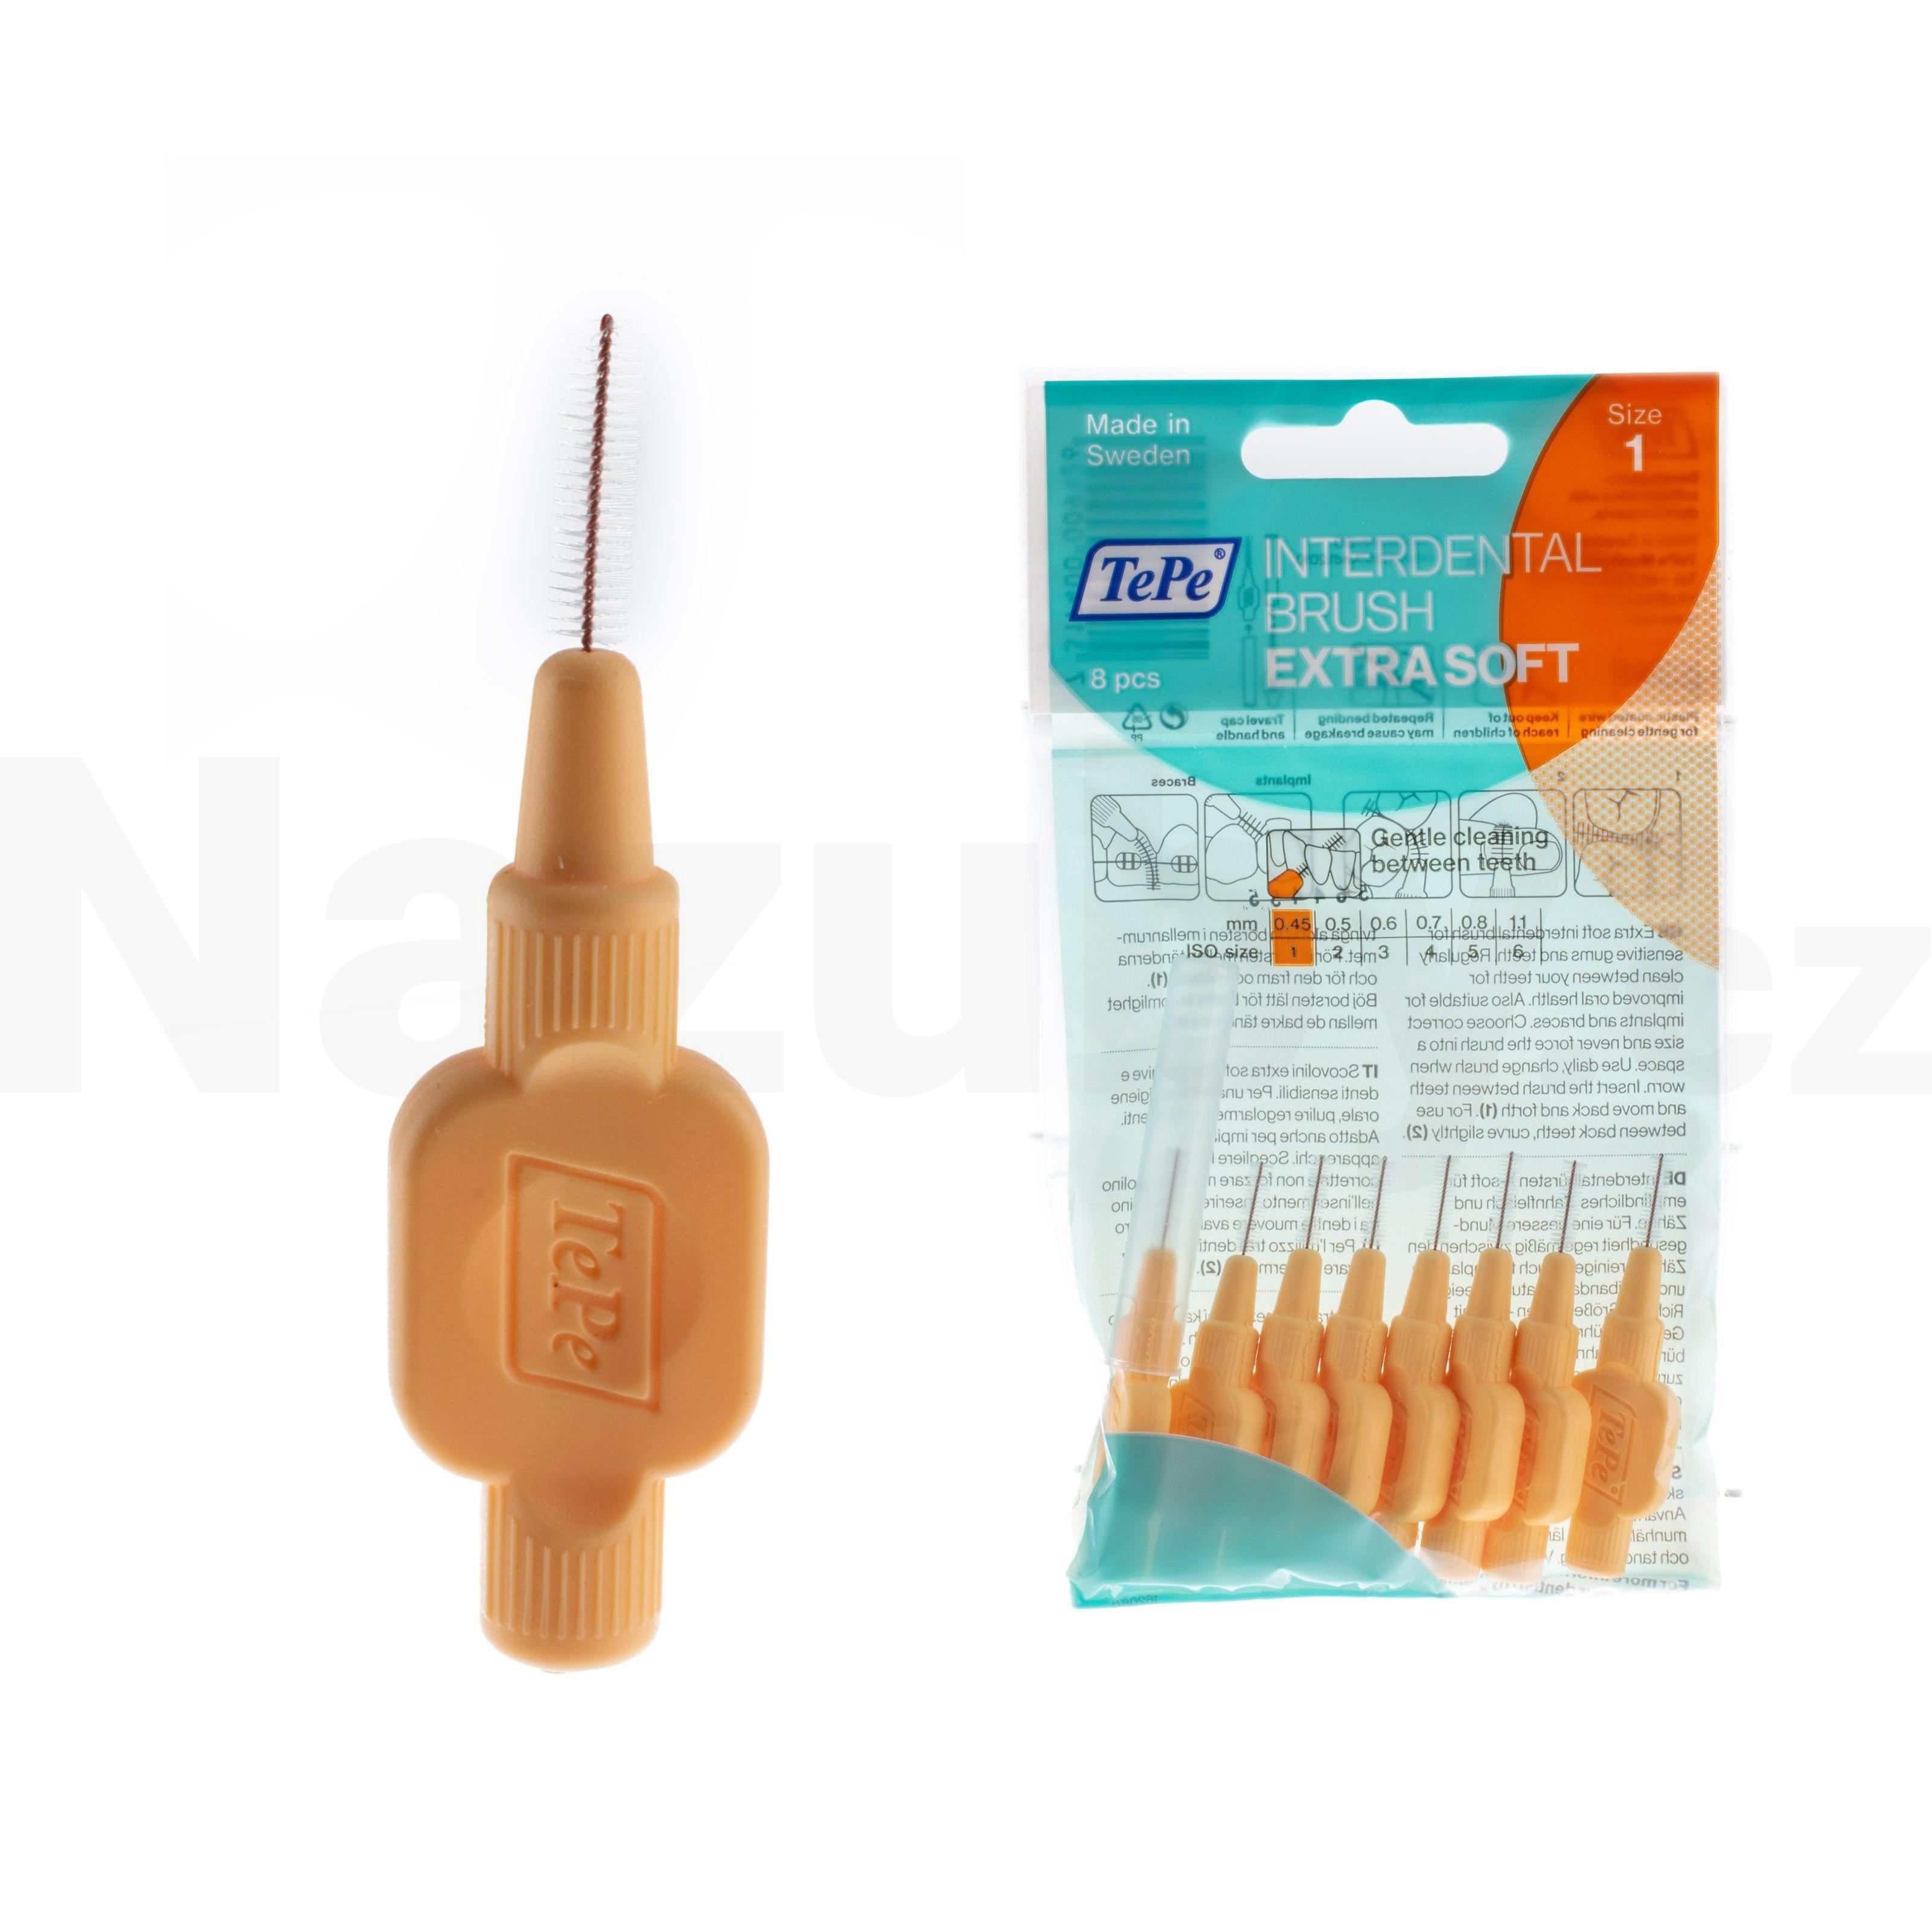 TePe SOFT mezizubní kartáčky (oranžové) 0,45mm, 8ks